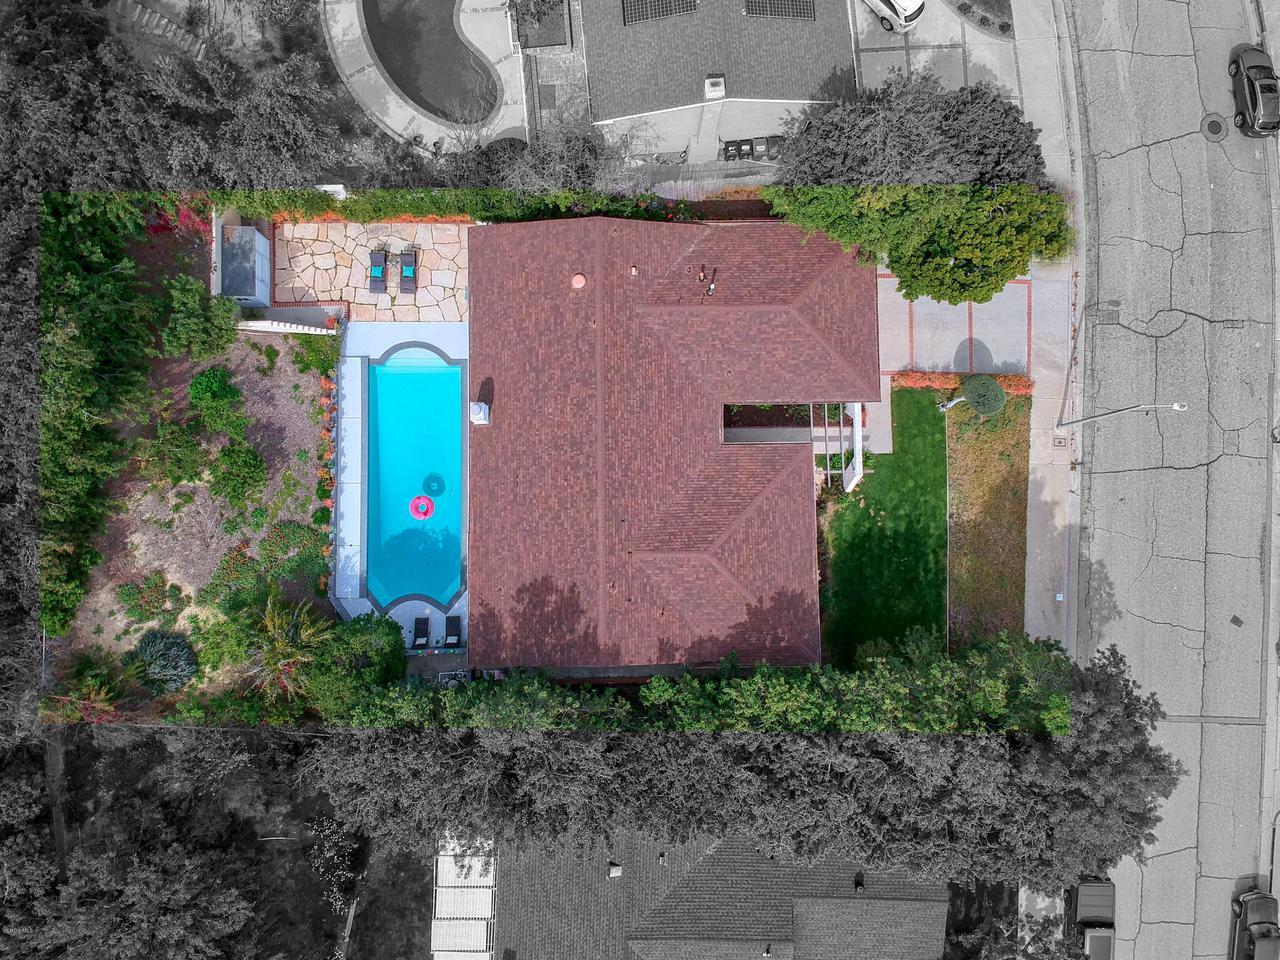 6231 PAT, West Hills, CA 91307 - Property Aeriel